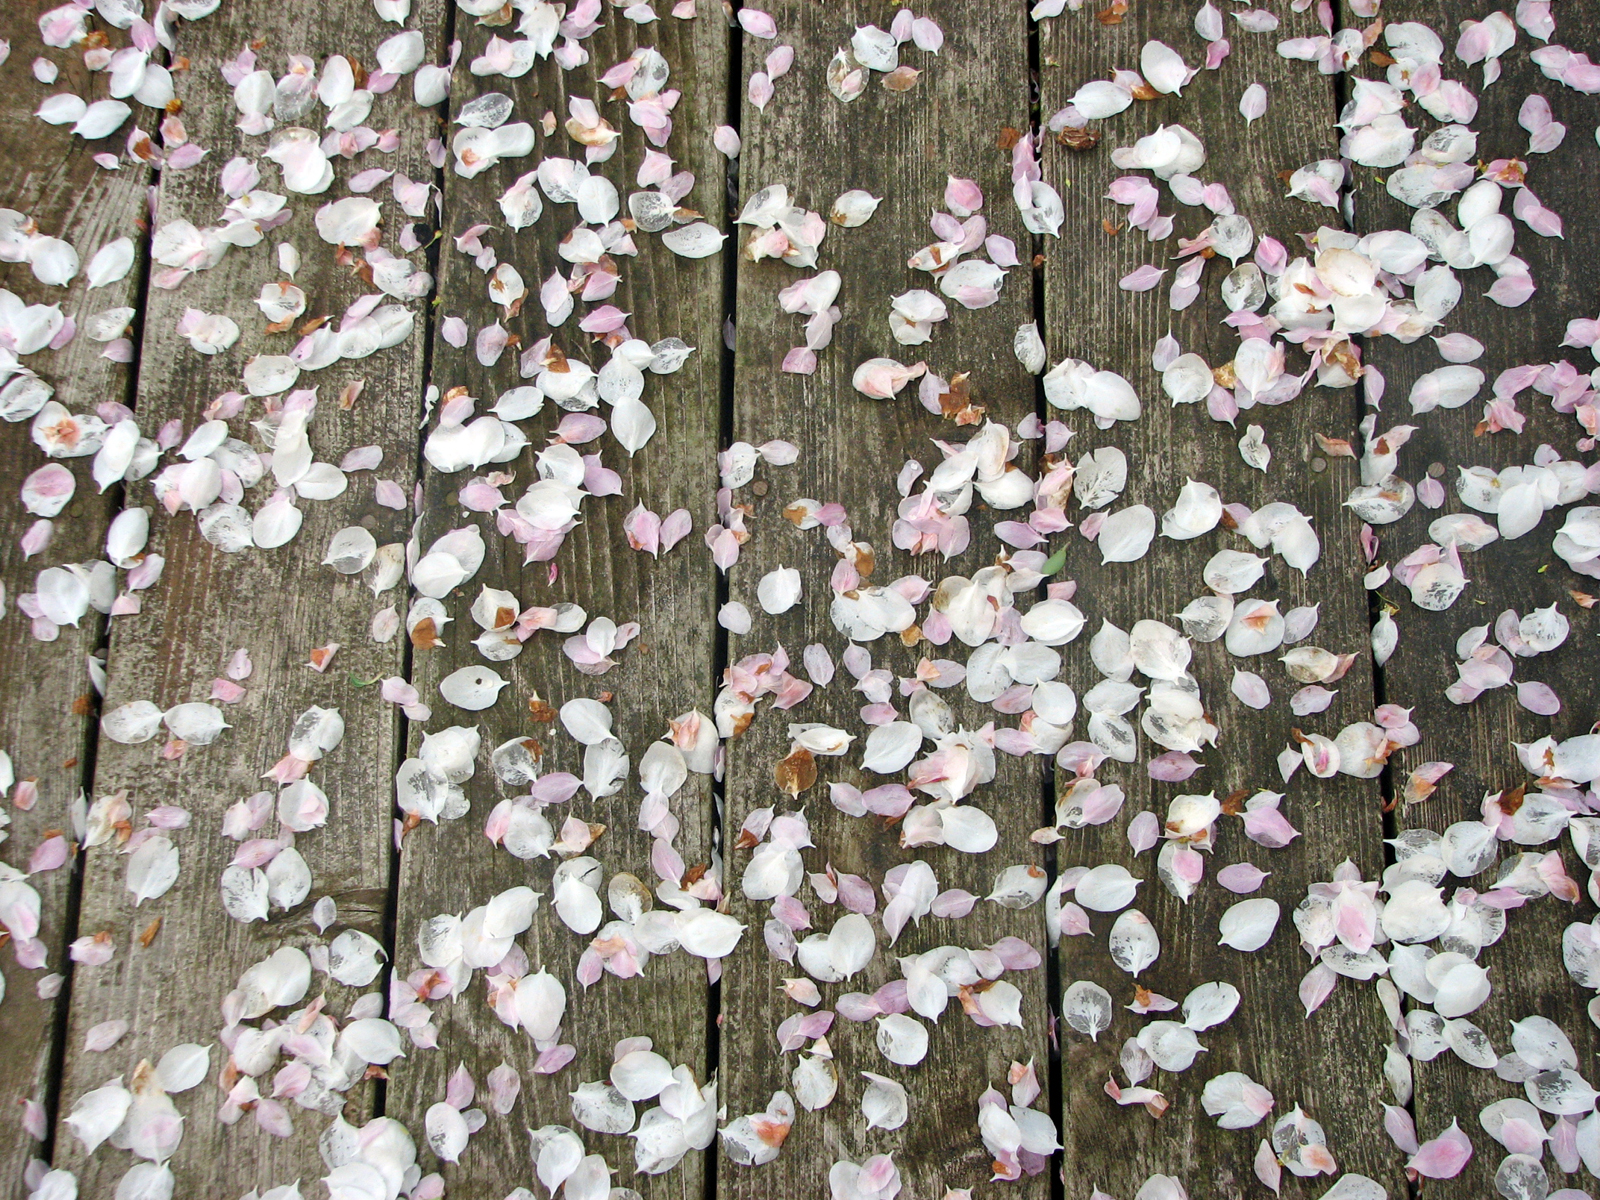 050709-deck-petals-sm-01